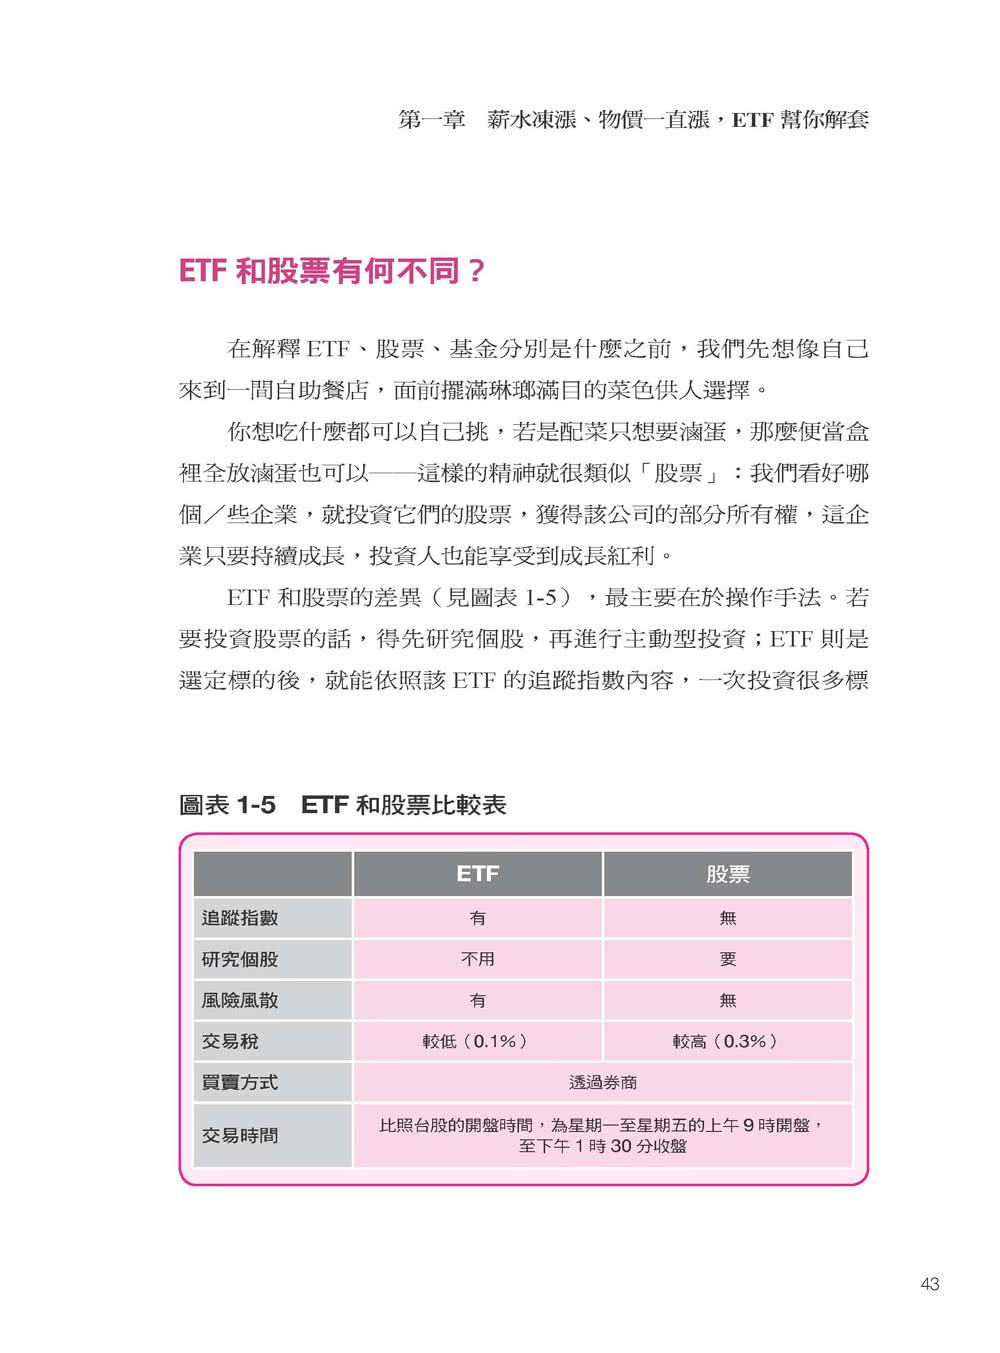 我畢業五年用ETF賺400萬:每月1千元就能開始!不用兼差斜槓 兩檔ETF年賺20%以上